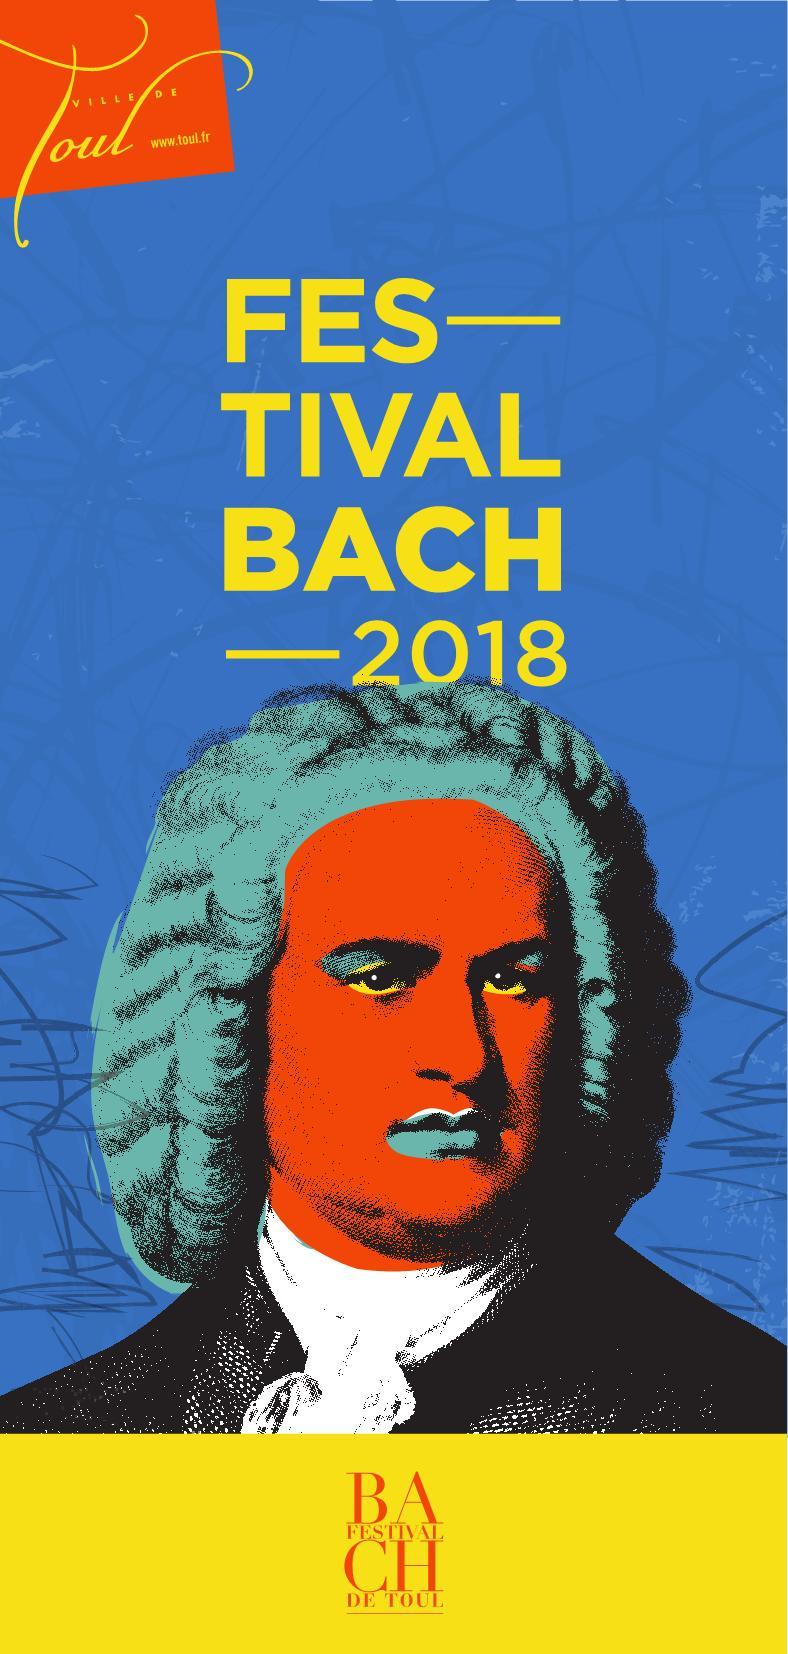 Programme Festival Bach Toul 2018